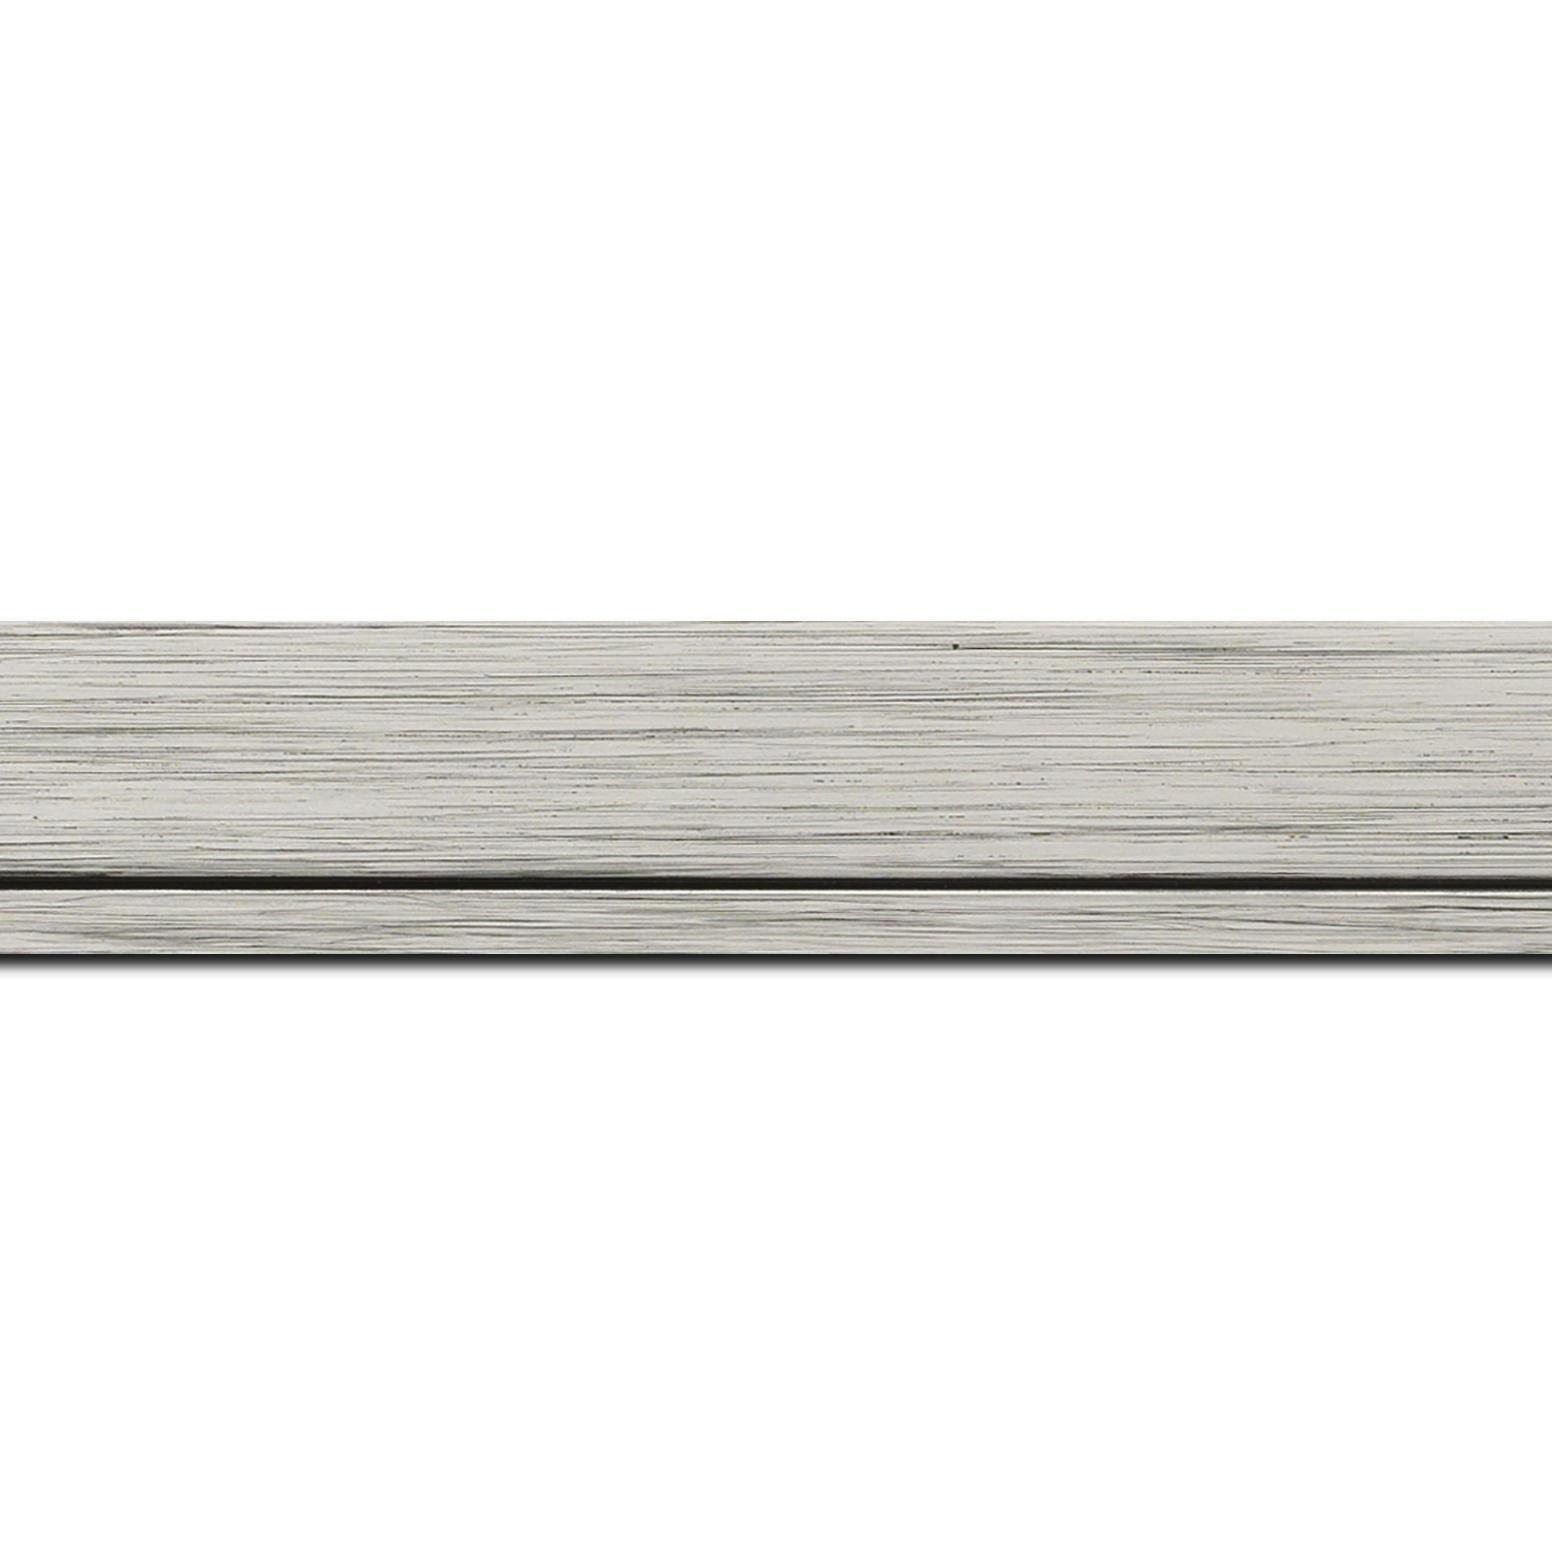 Baguette longueur 1.40m bois profil plat largeur 3.3cm couleur argent filet argent